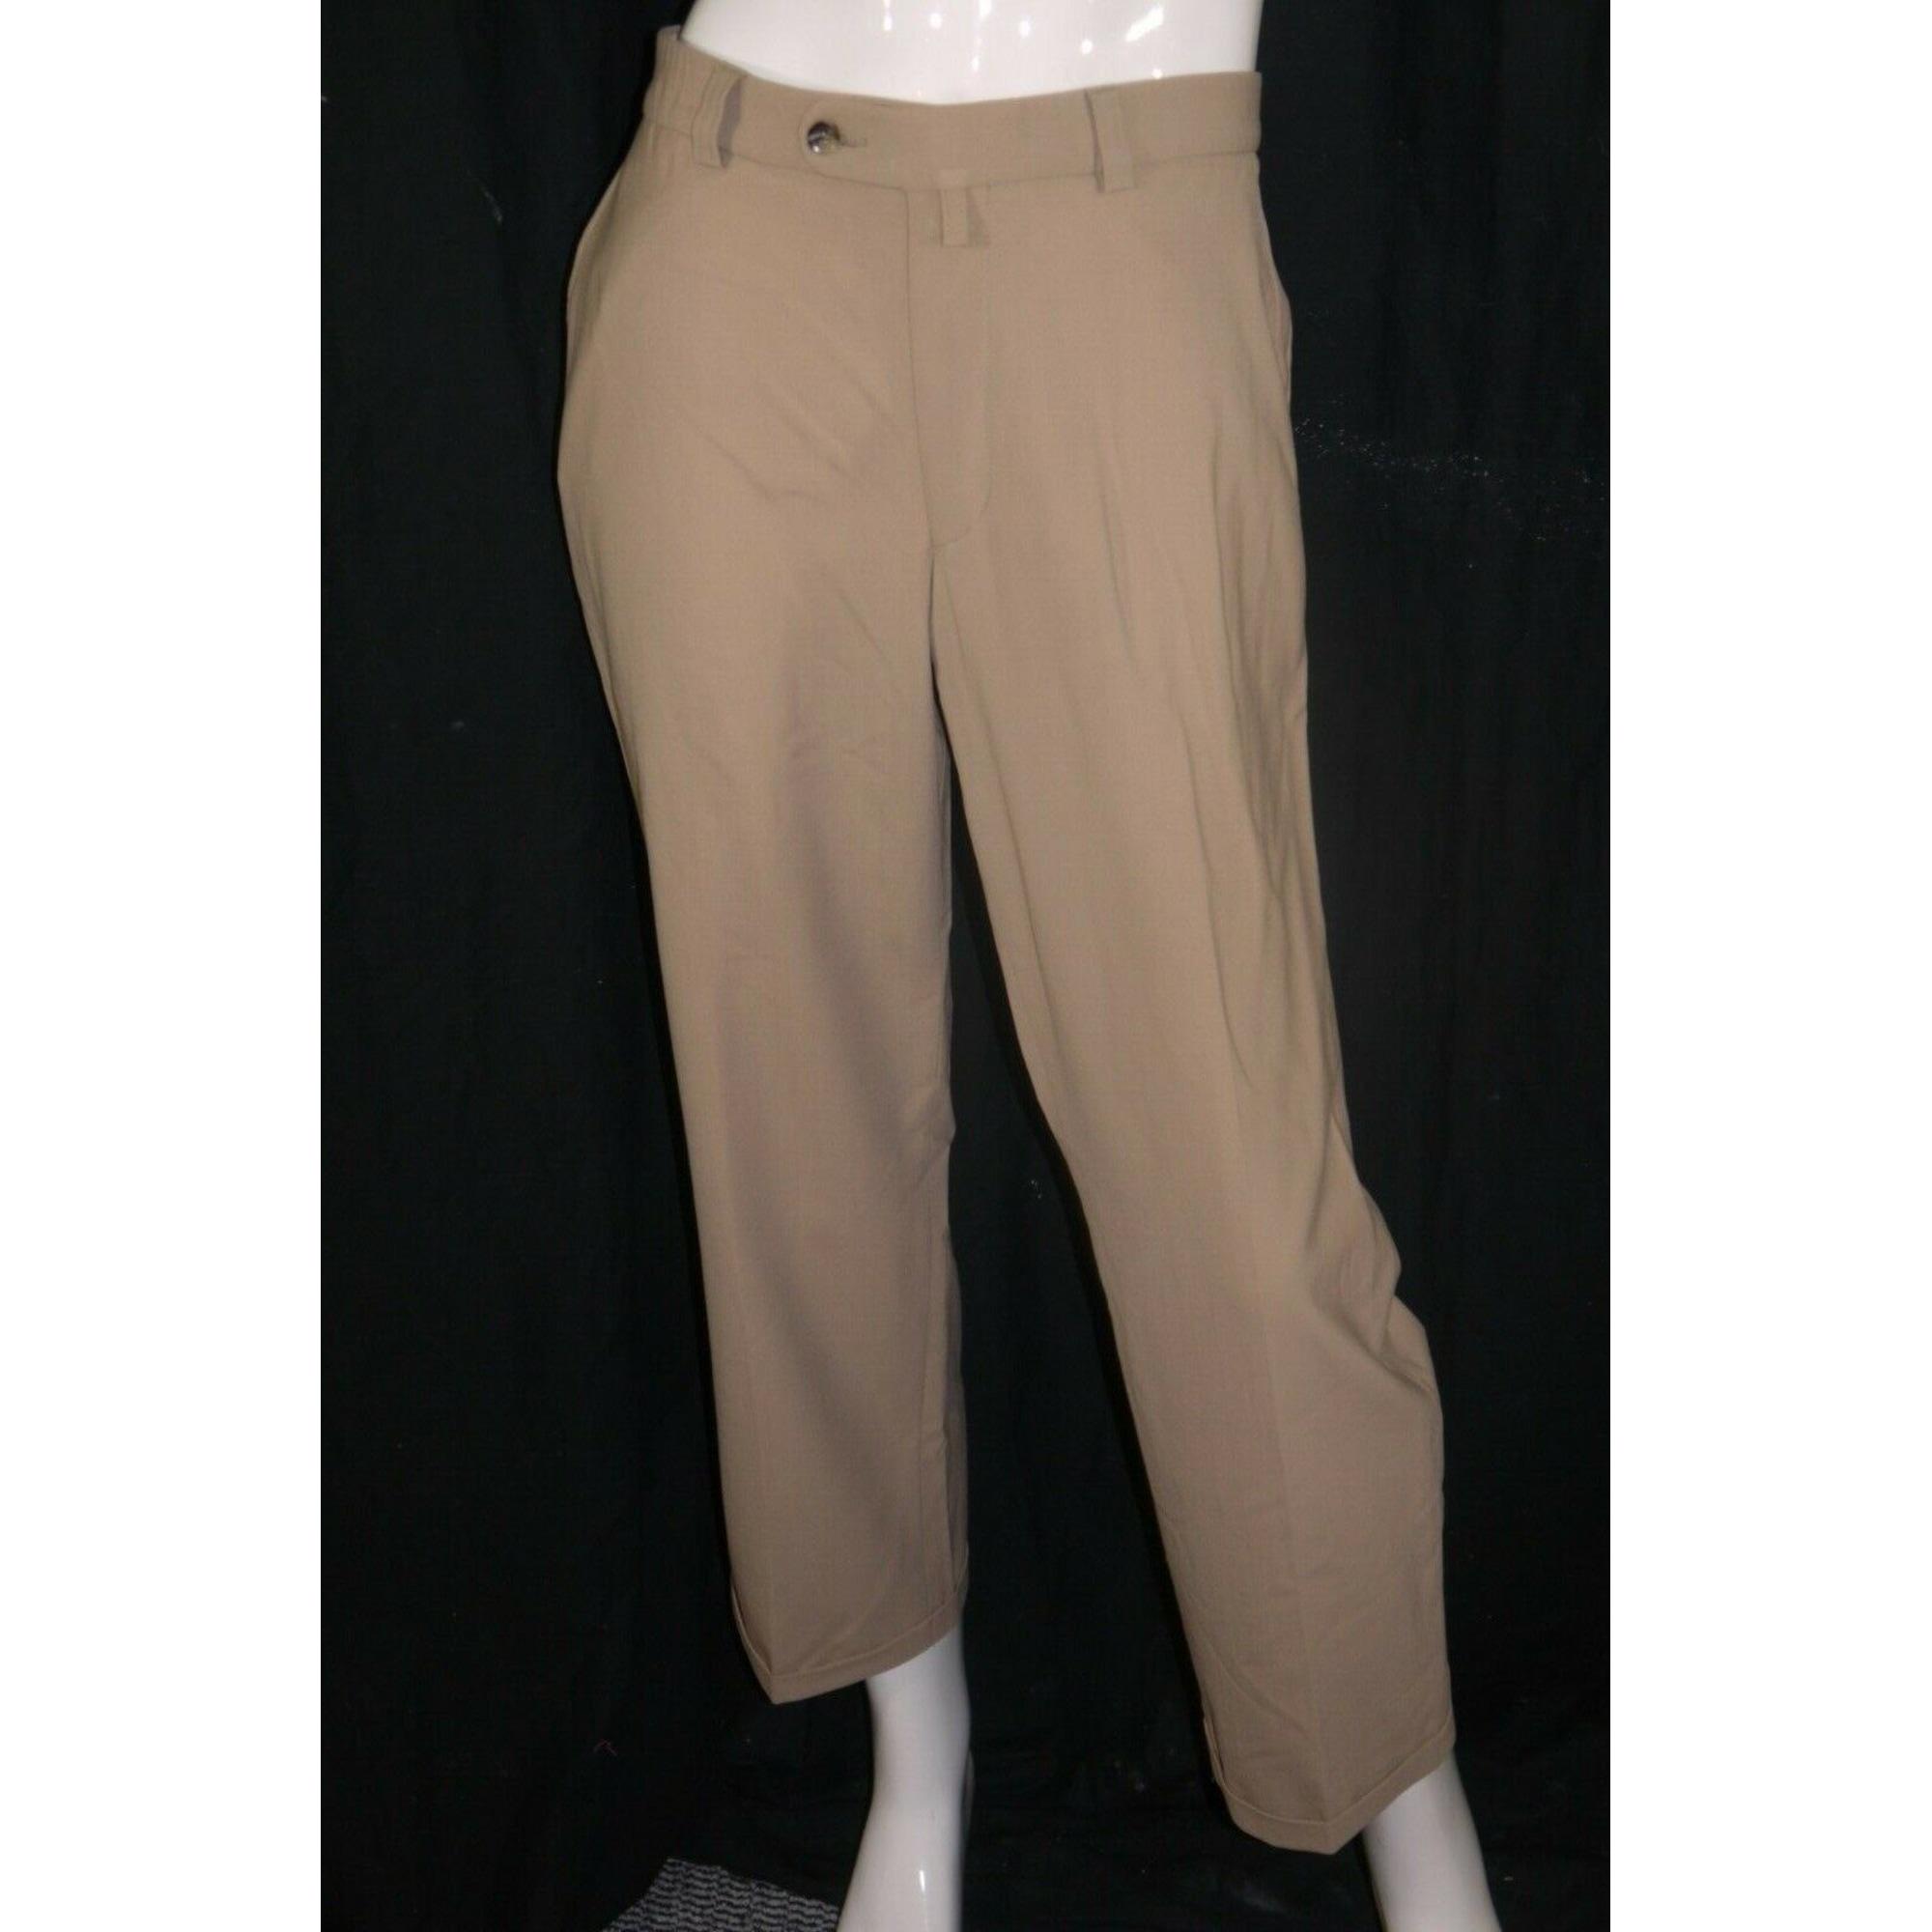 Pantalon droit BRUNO SAINT HILAIRE Beige, camel